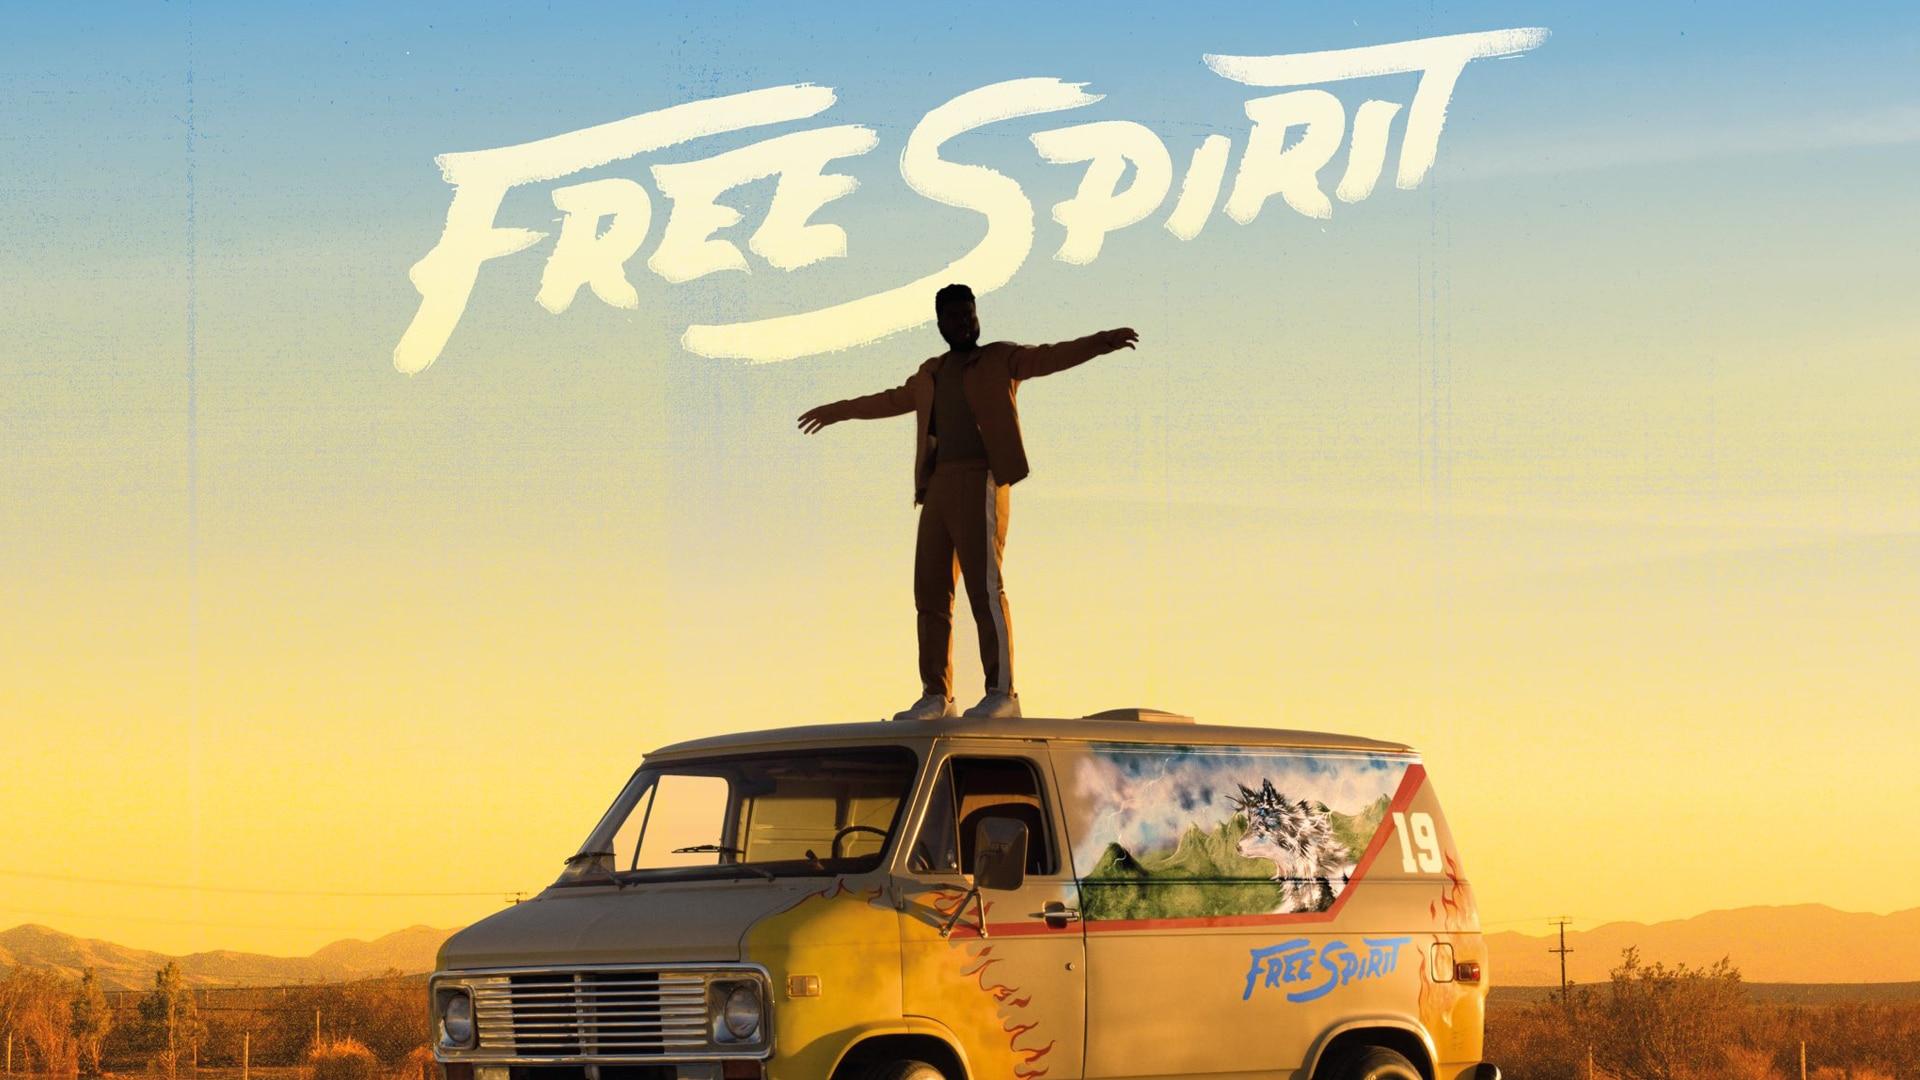 17 Khalid Free Spirit Wallpapers On Wallpapersafari